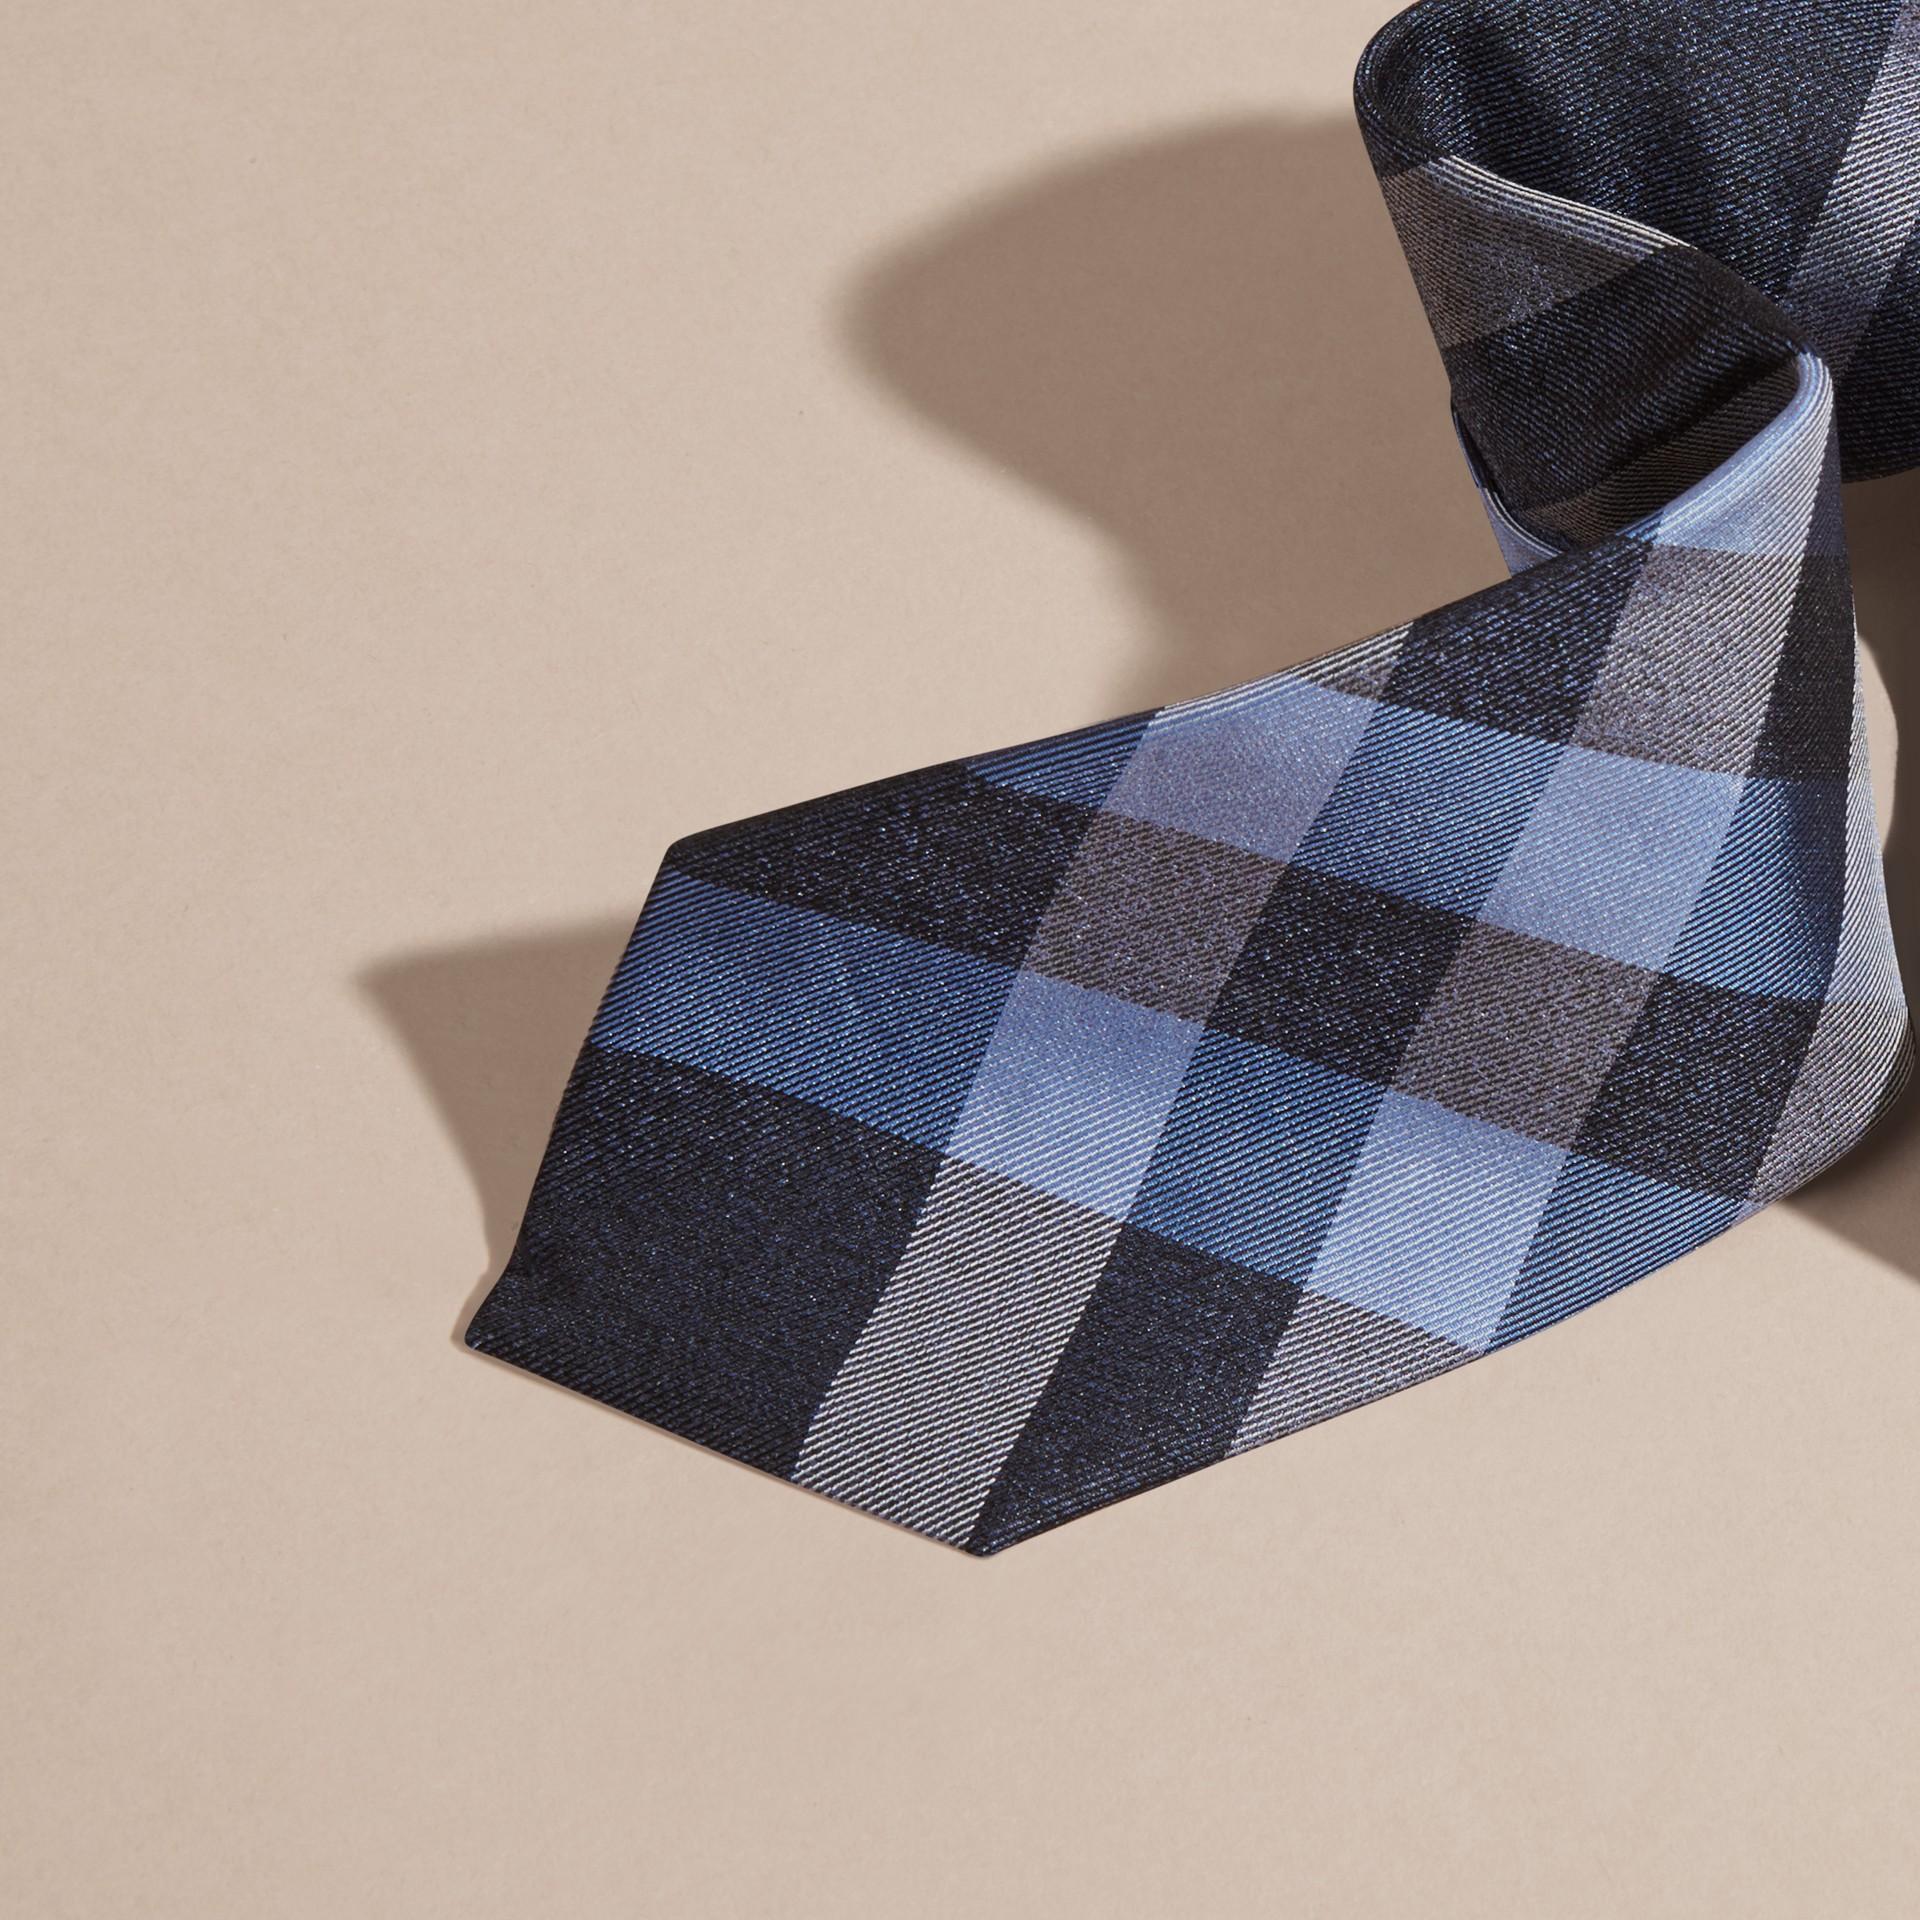 Indigo Cravate moderne en jacquard de soie à motif check Indigo - photo de la galerie 2